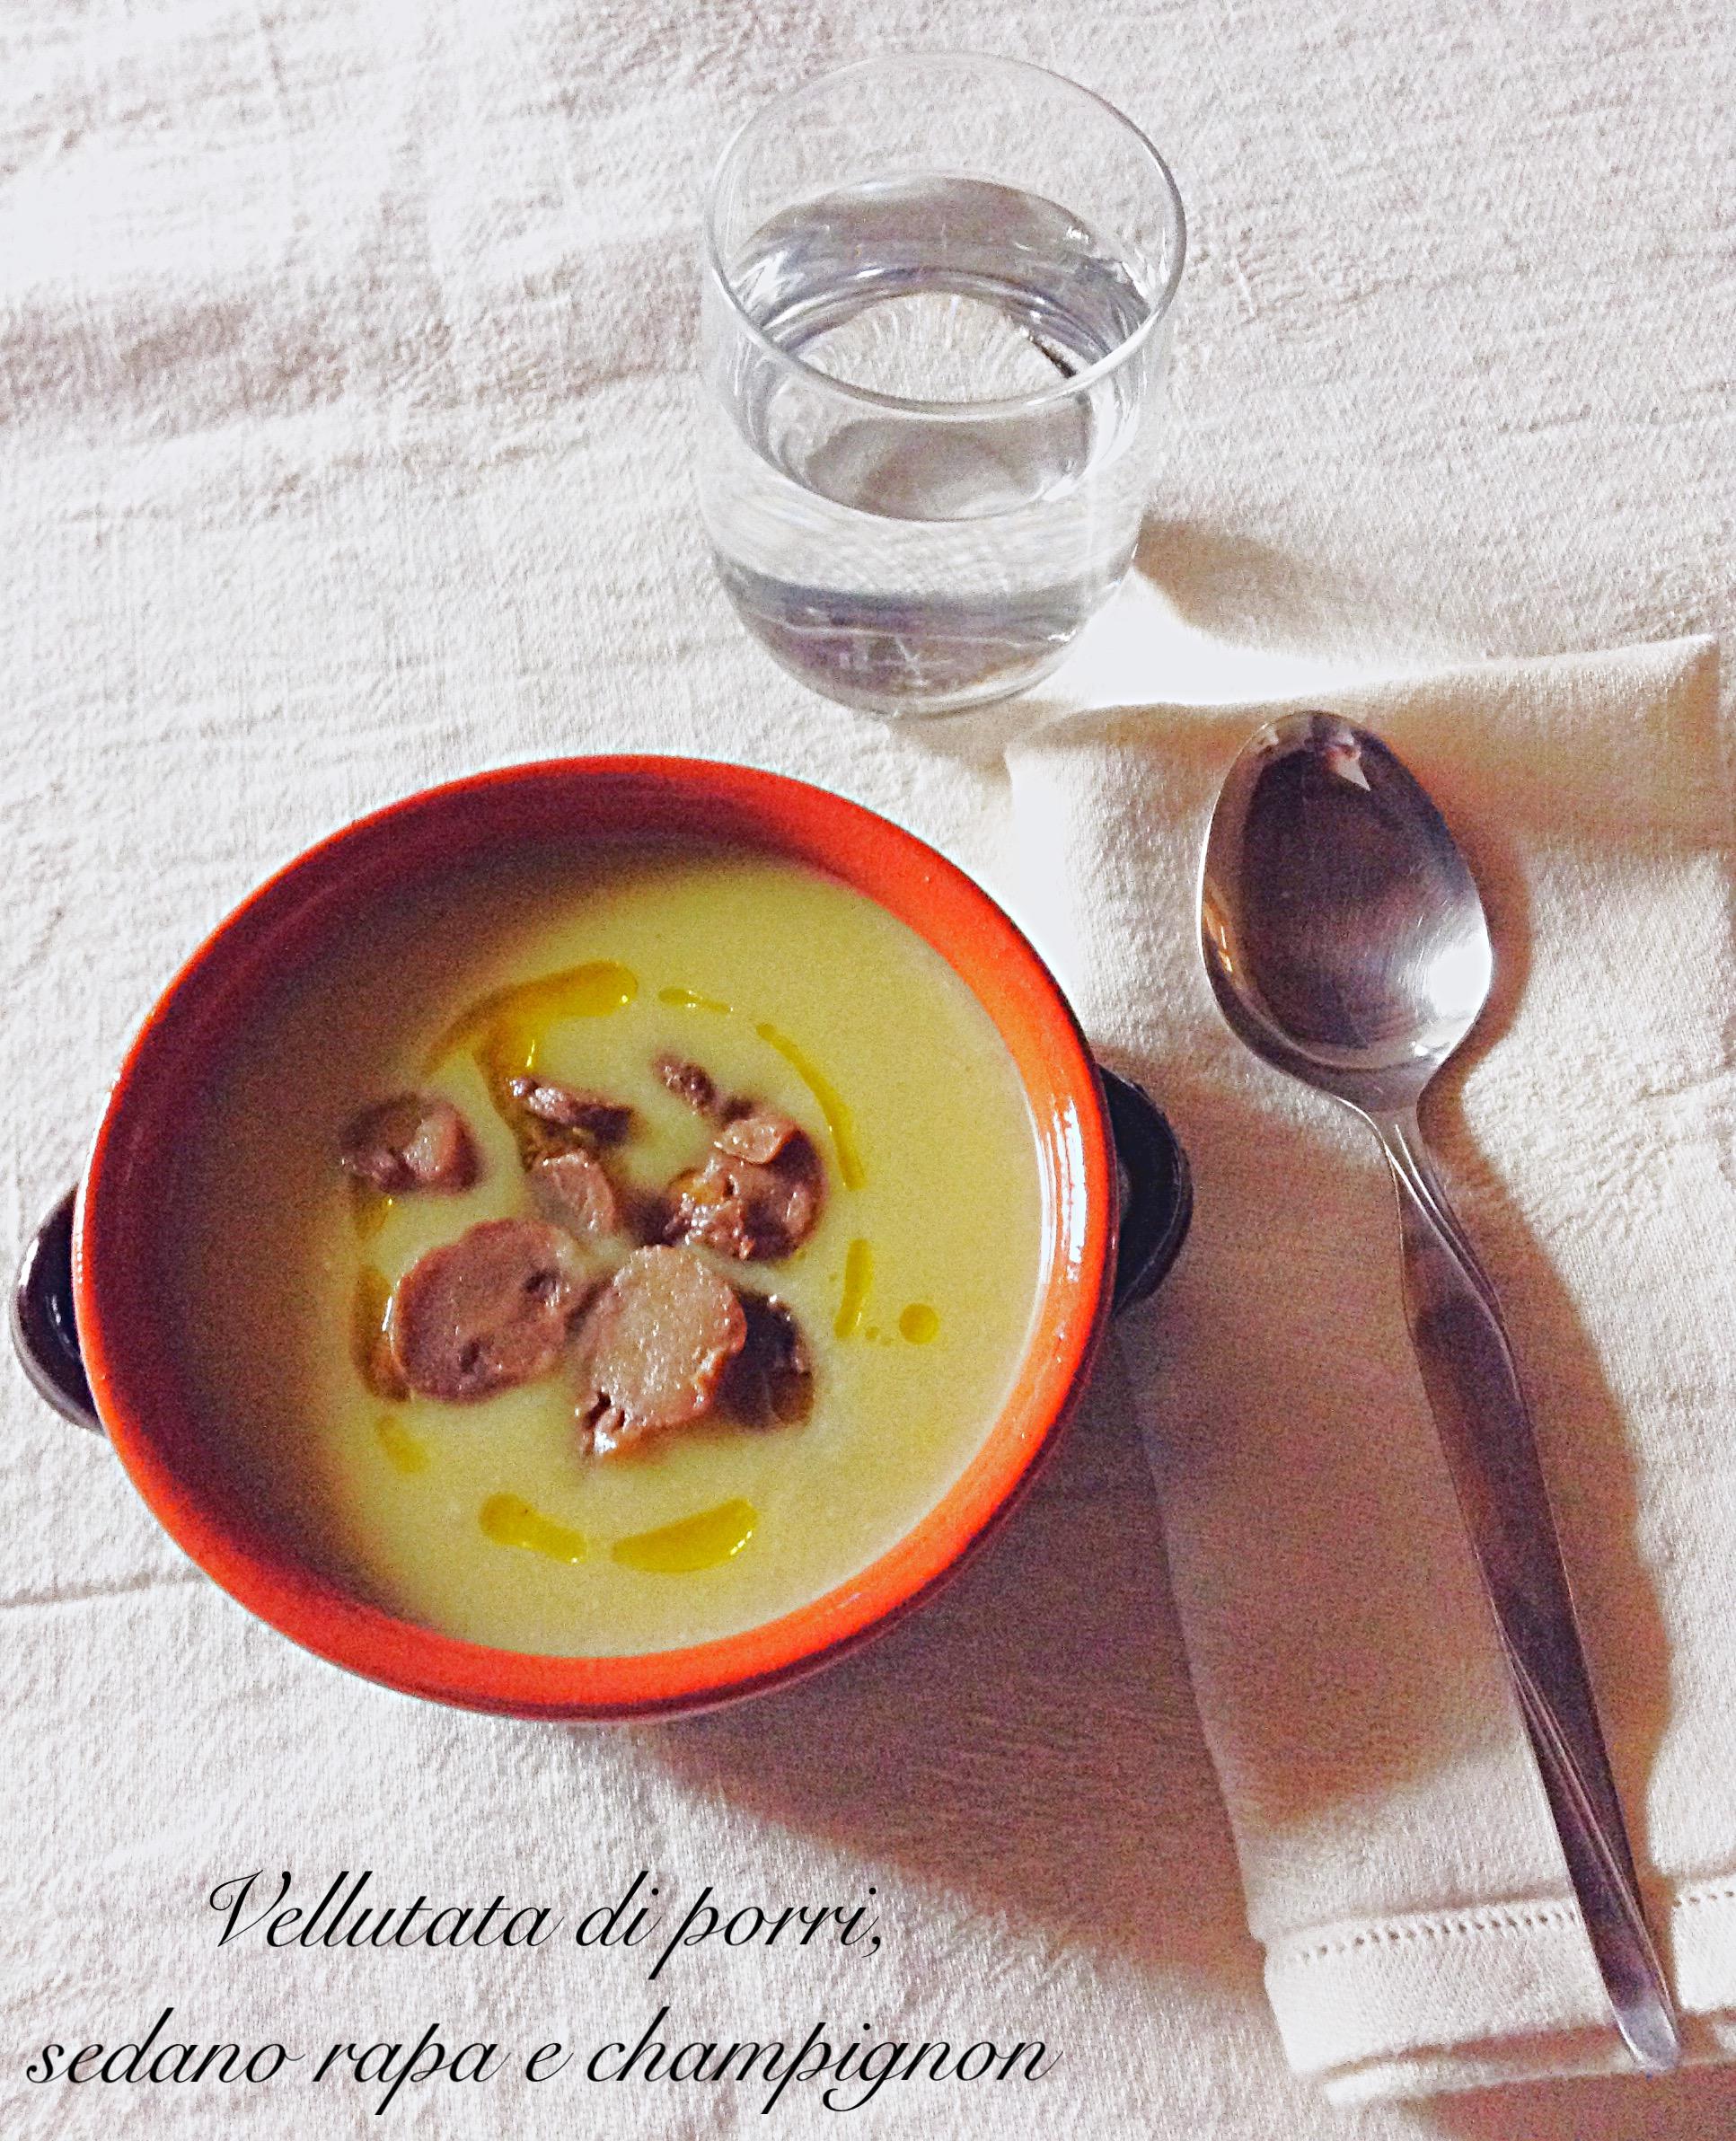 vellutata-di-porri-sedano-rapa-e-champignon-3